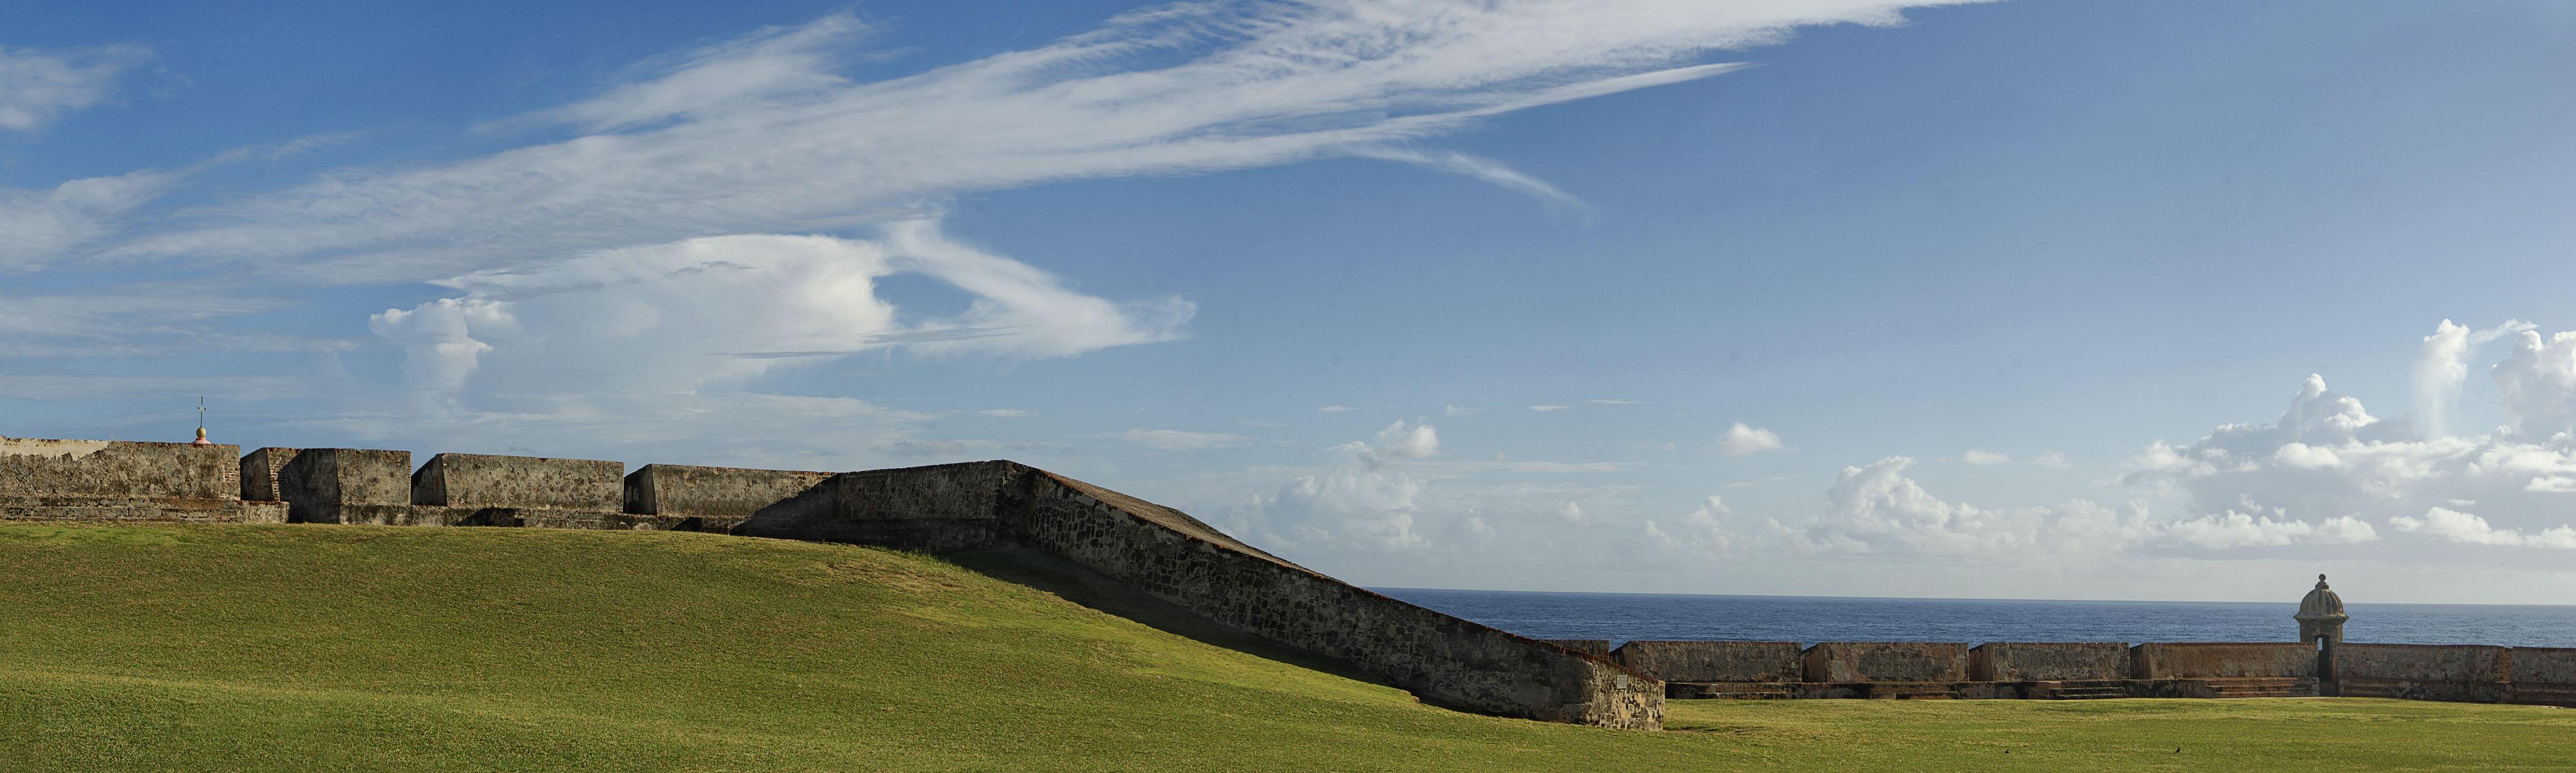 Castillo de San Cristobal Right